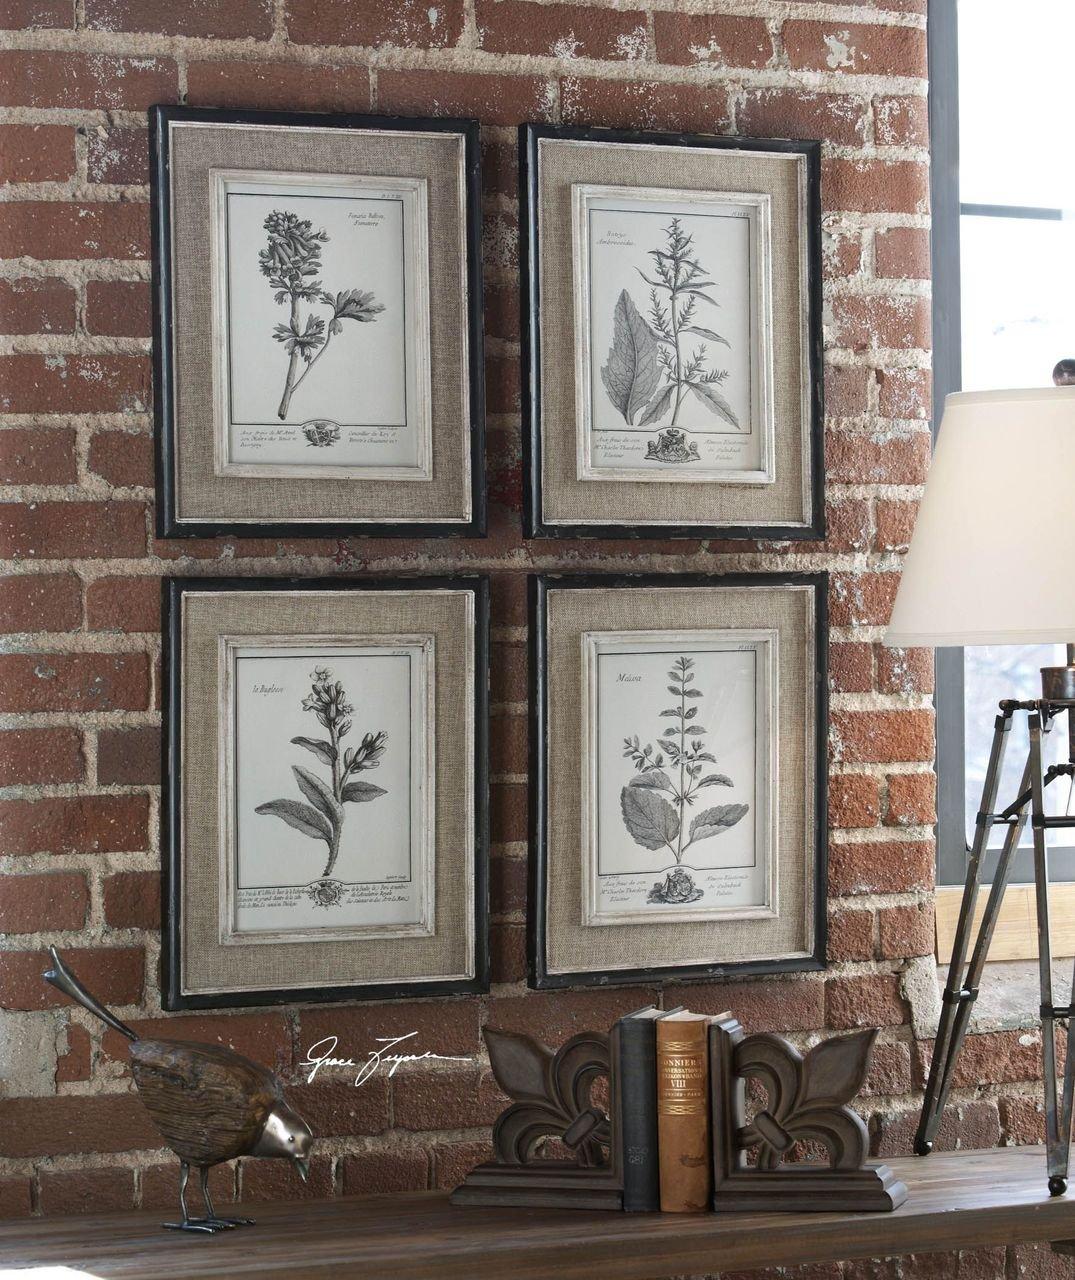 Amazon antique style botanical wall art prints grey flowers amazon antique style botanical wall art prints grey flowers burlap framed posters prints jeuxipadfo Choice Image